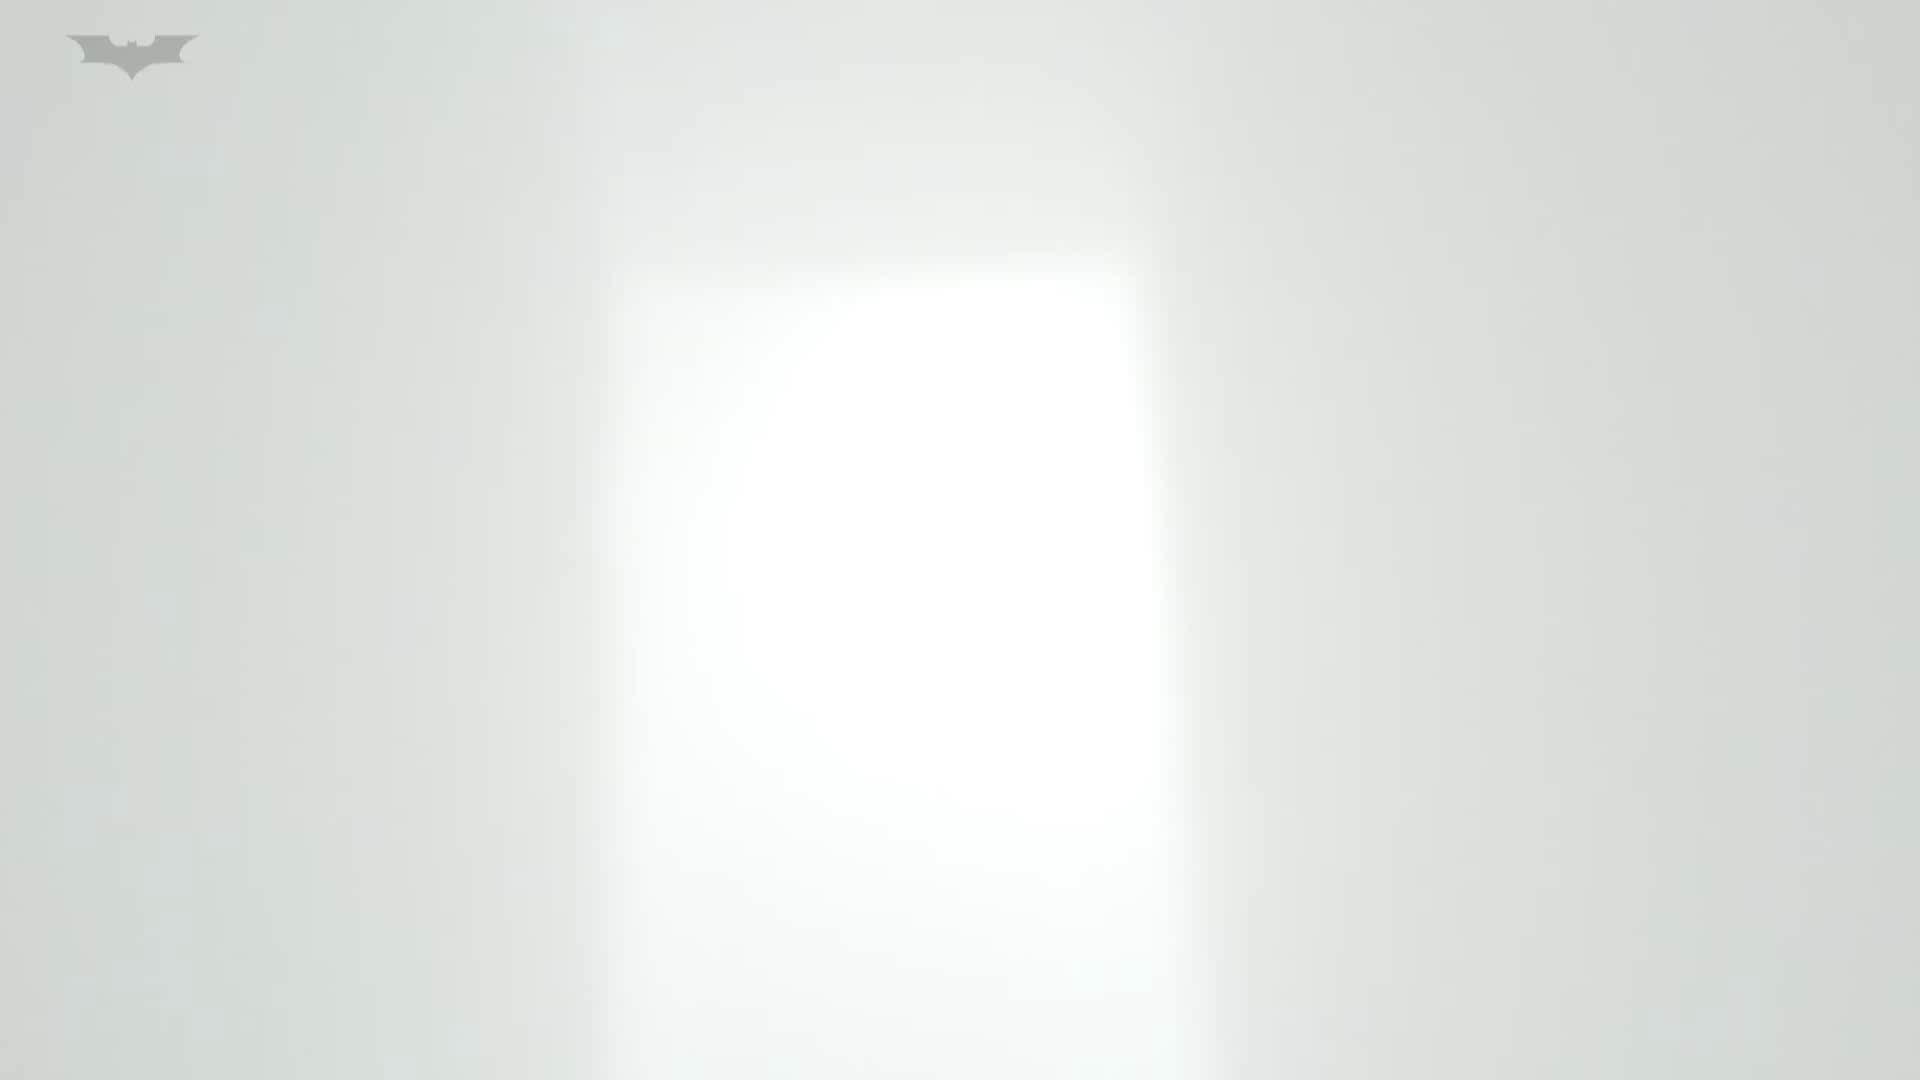 有名大学女性洗面所 vol.45 冴え渡る多方向撮影!職人技です。 ギャル達 おめこ無修正動画無料 101枚 38